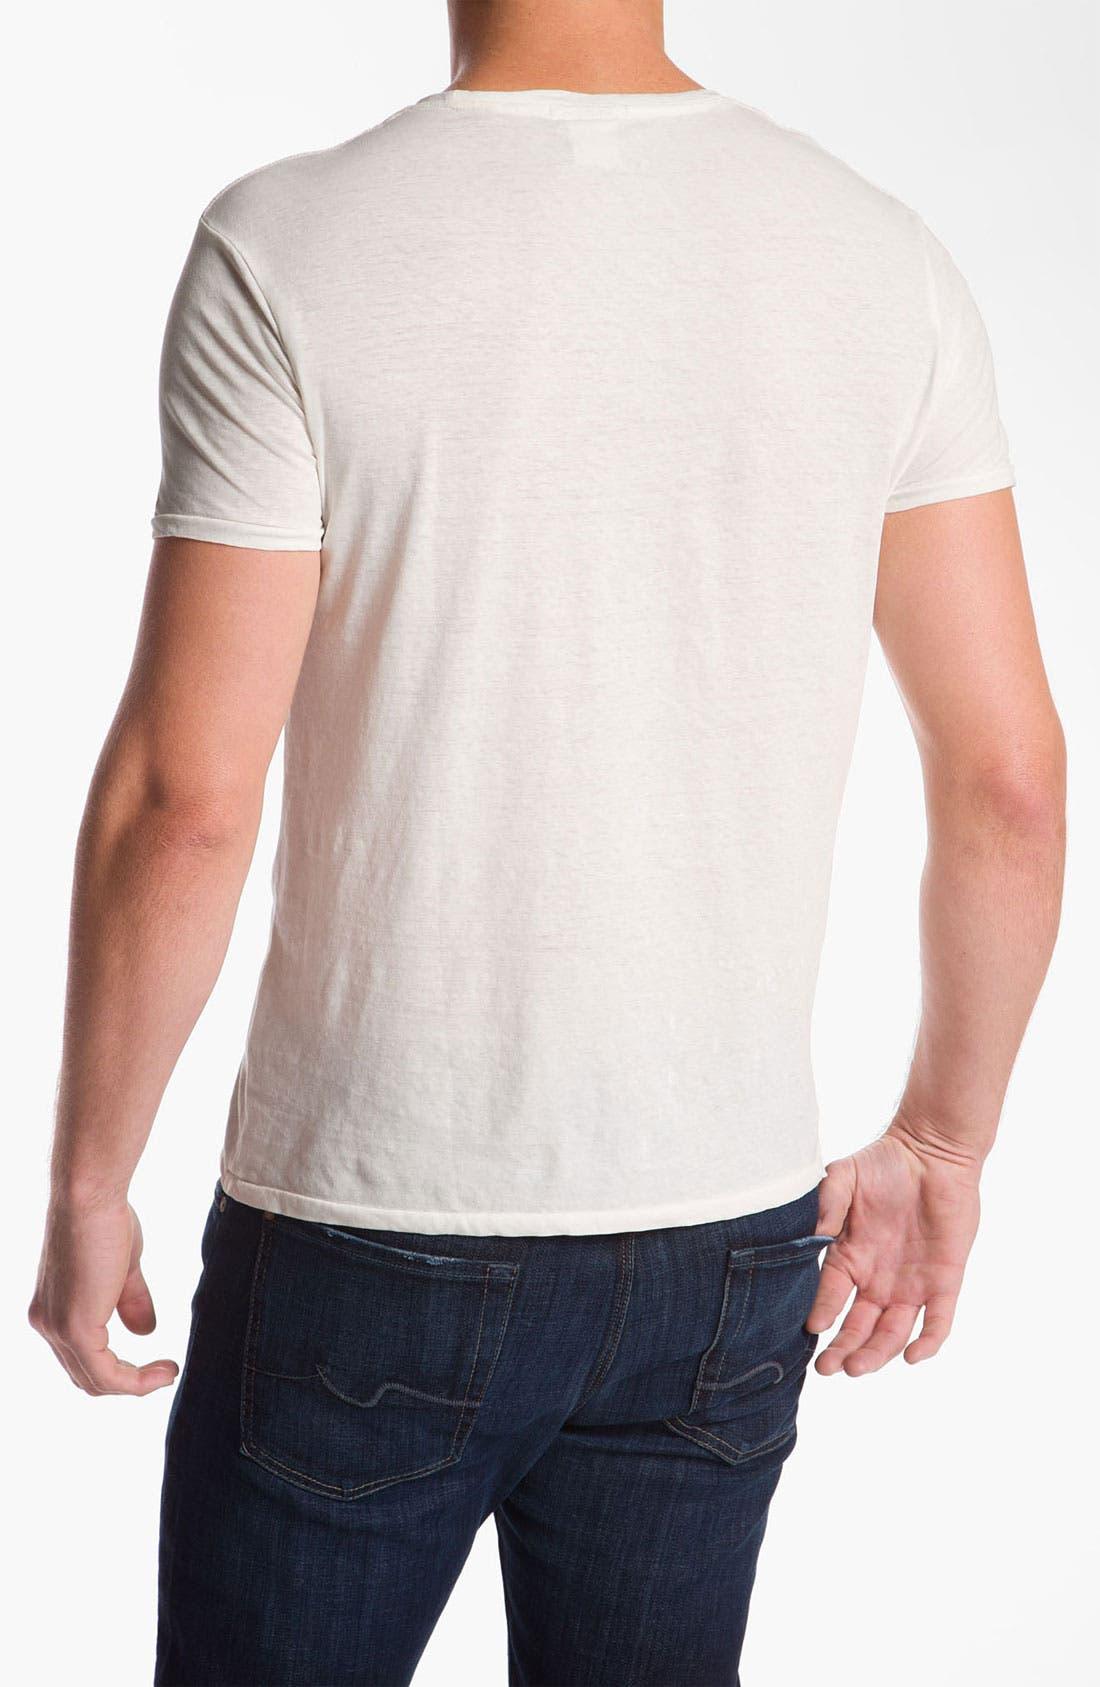 Alternate Image 2  - Scotch & Soda 'Monsieur Provocateur' Graphic Cotton & Linen T-Shirt